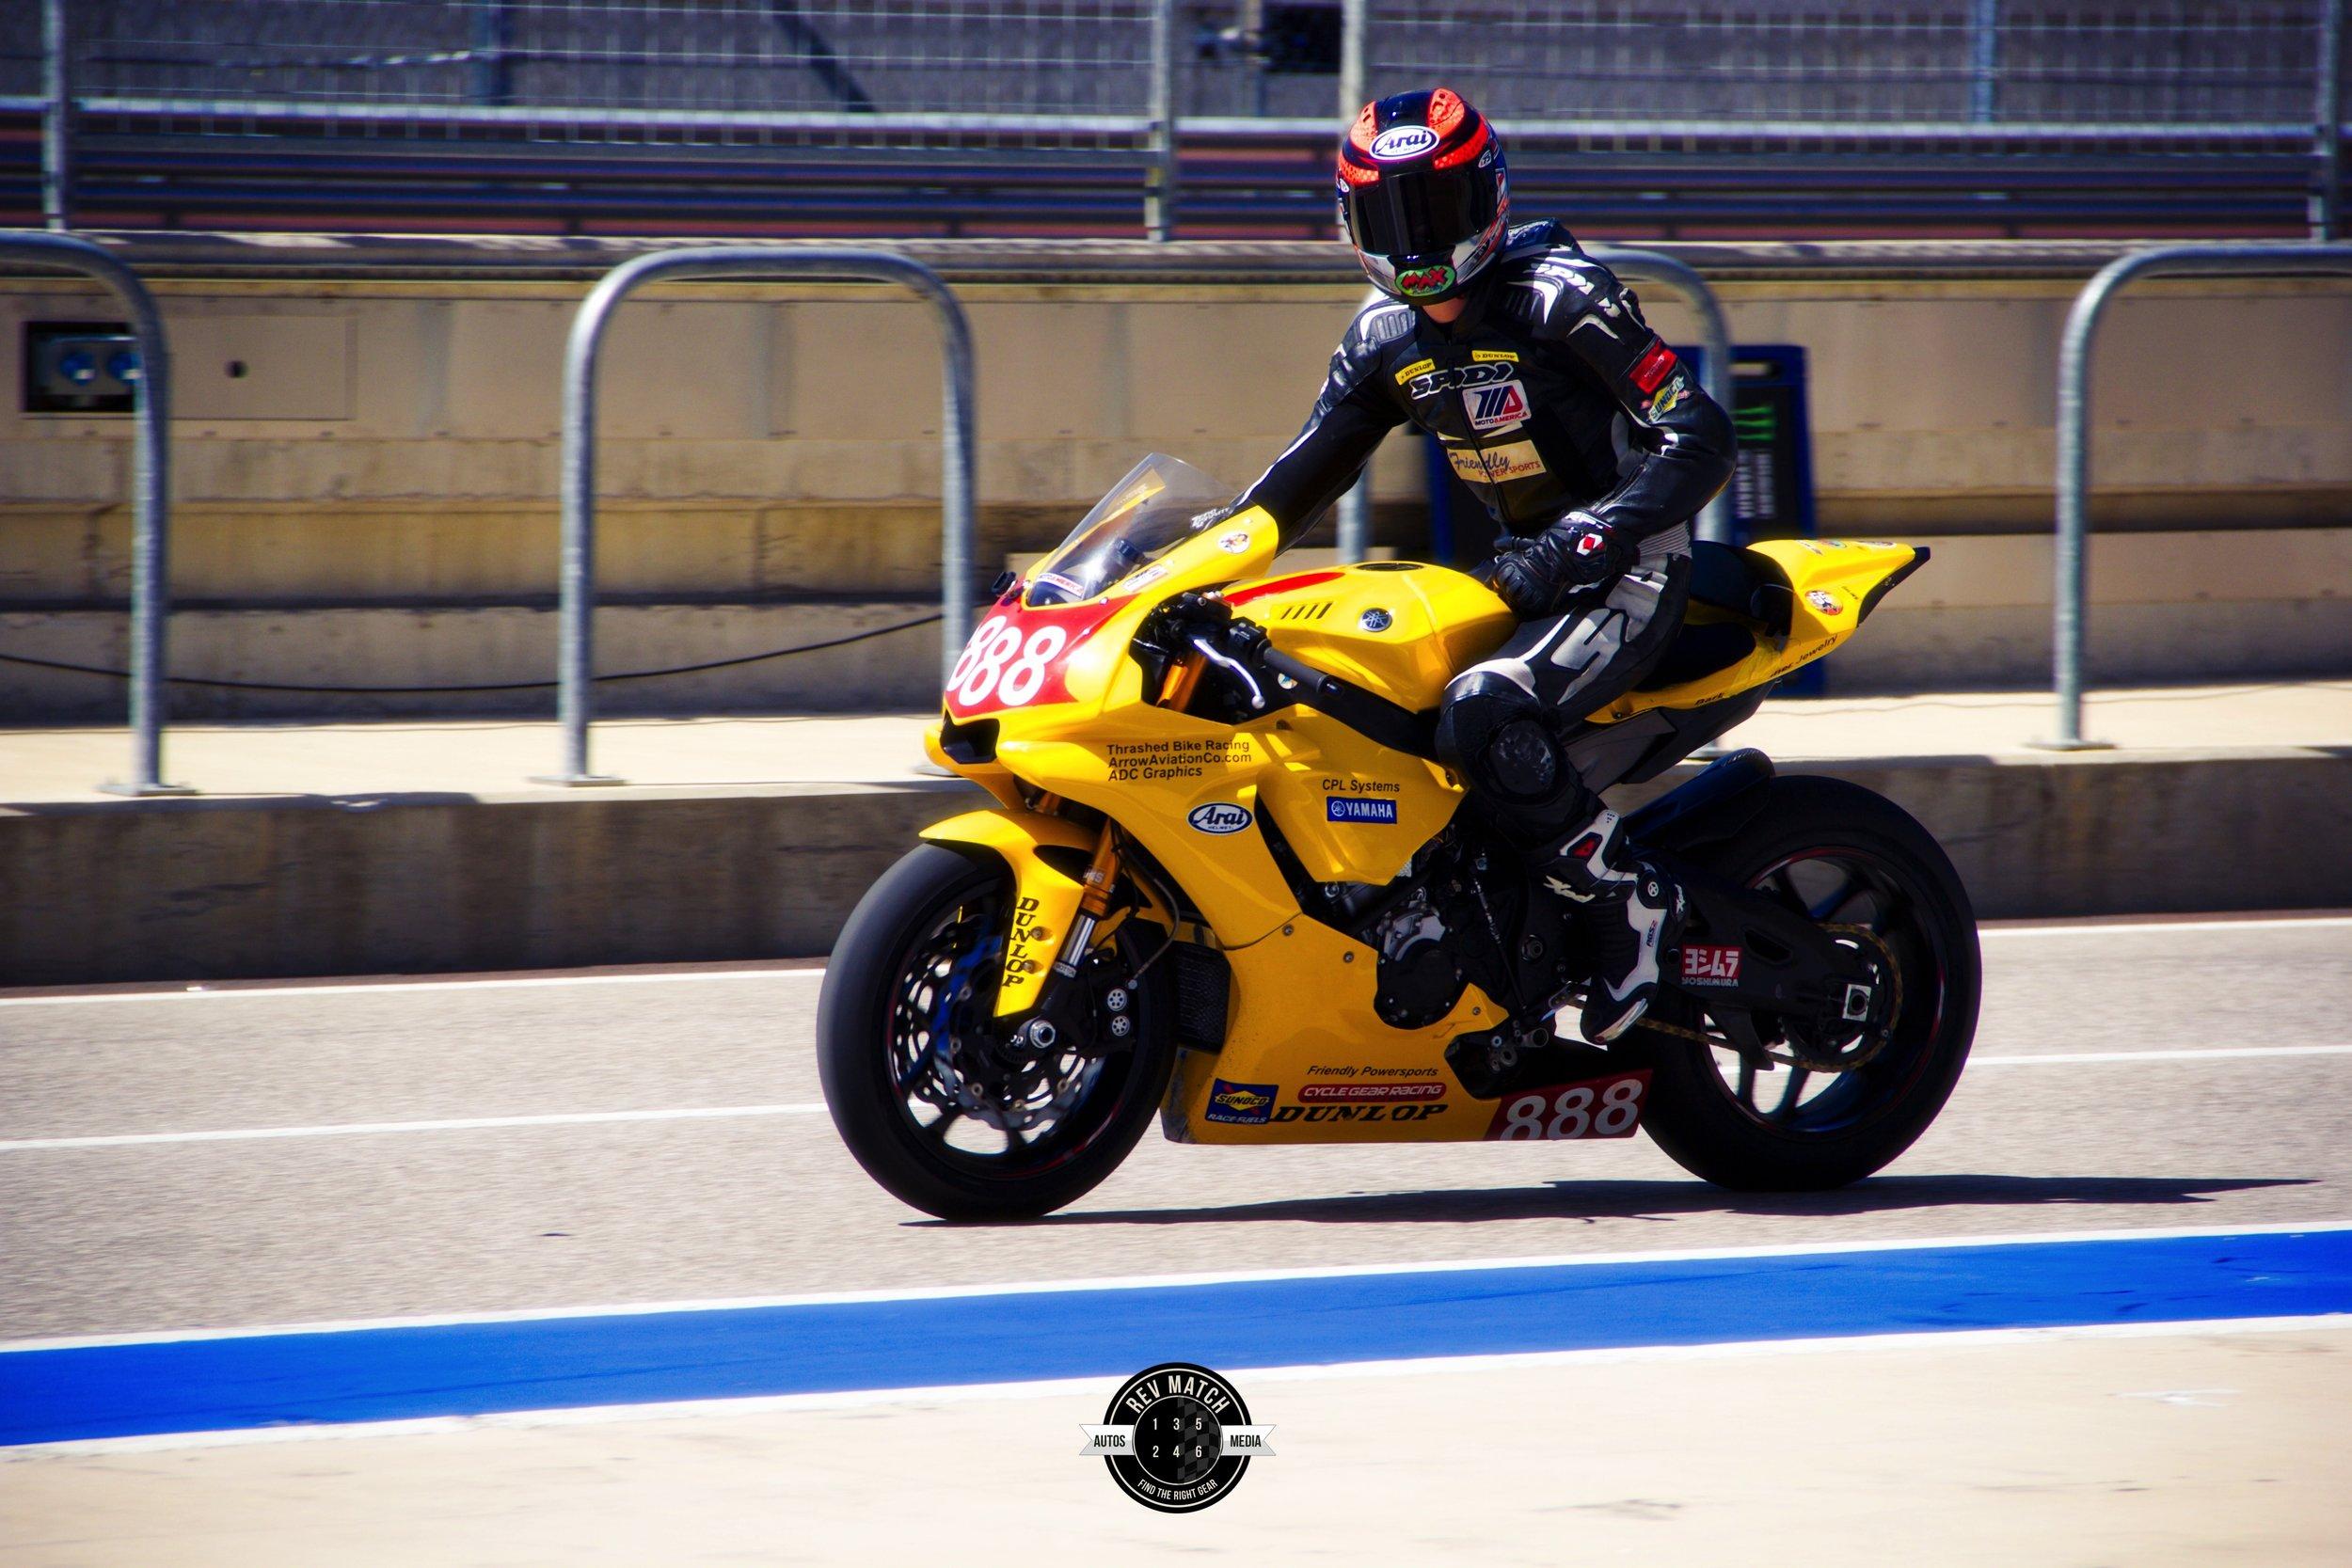 MotoGP COTA Testing 13.jpg